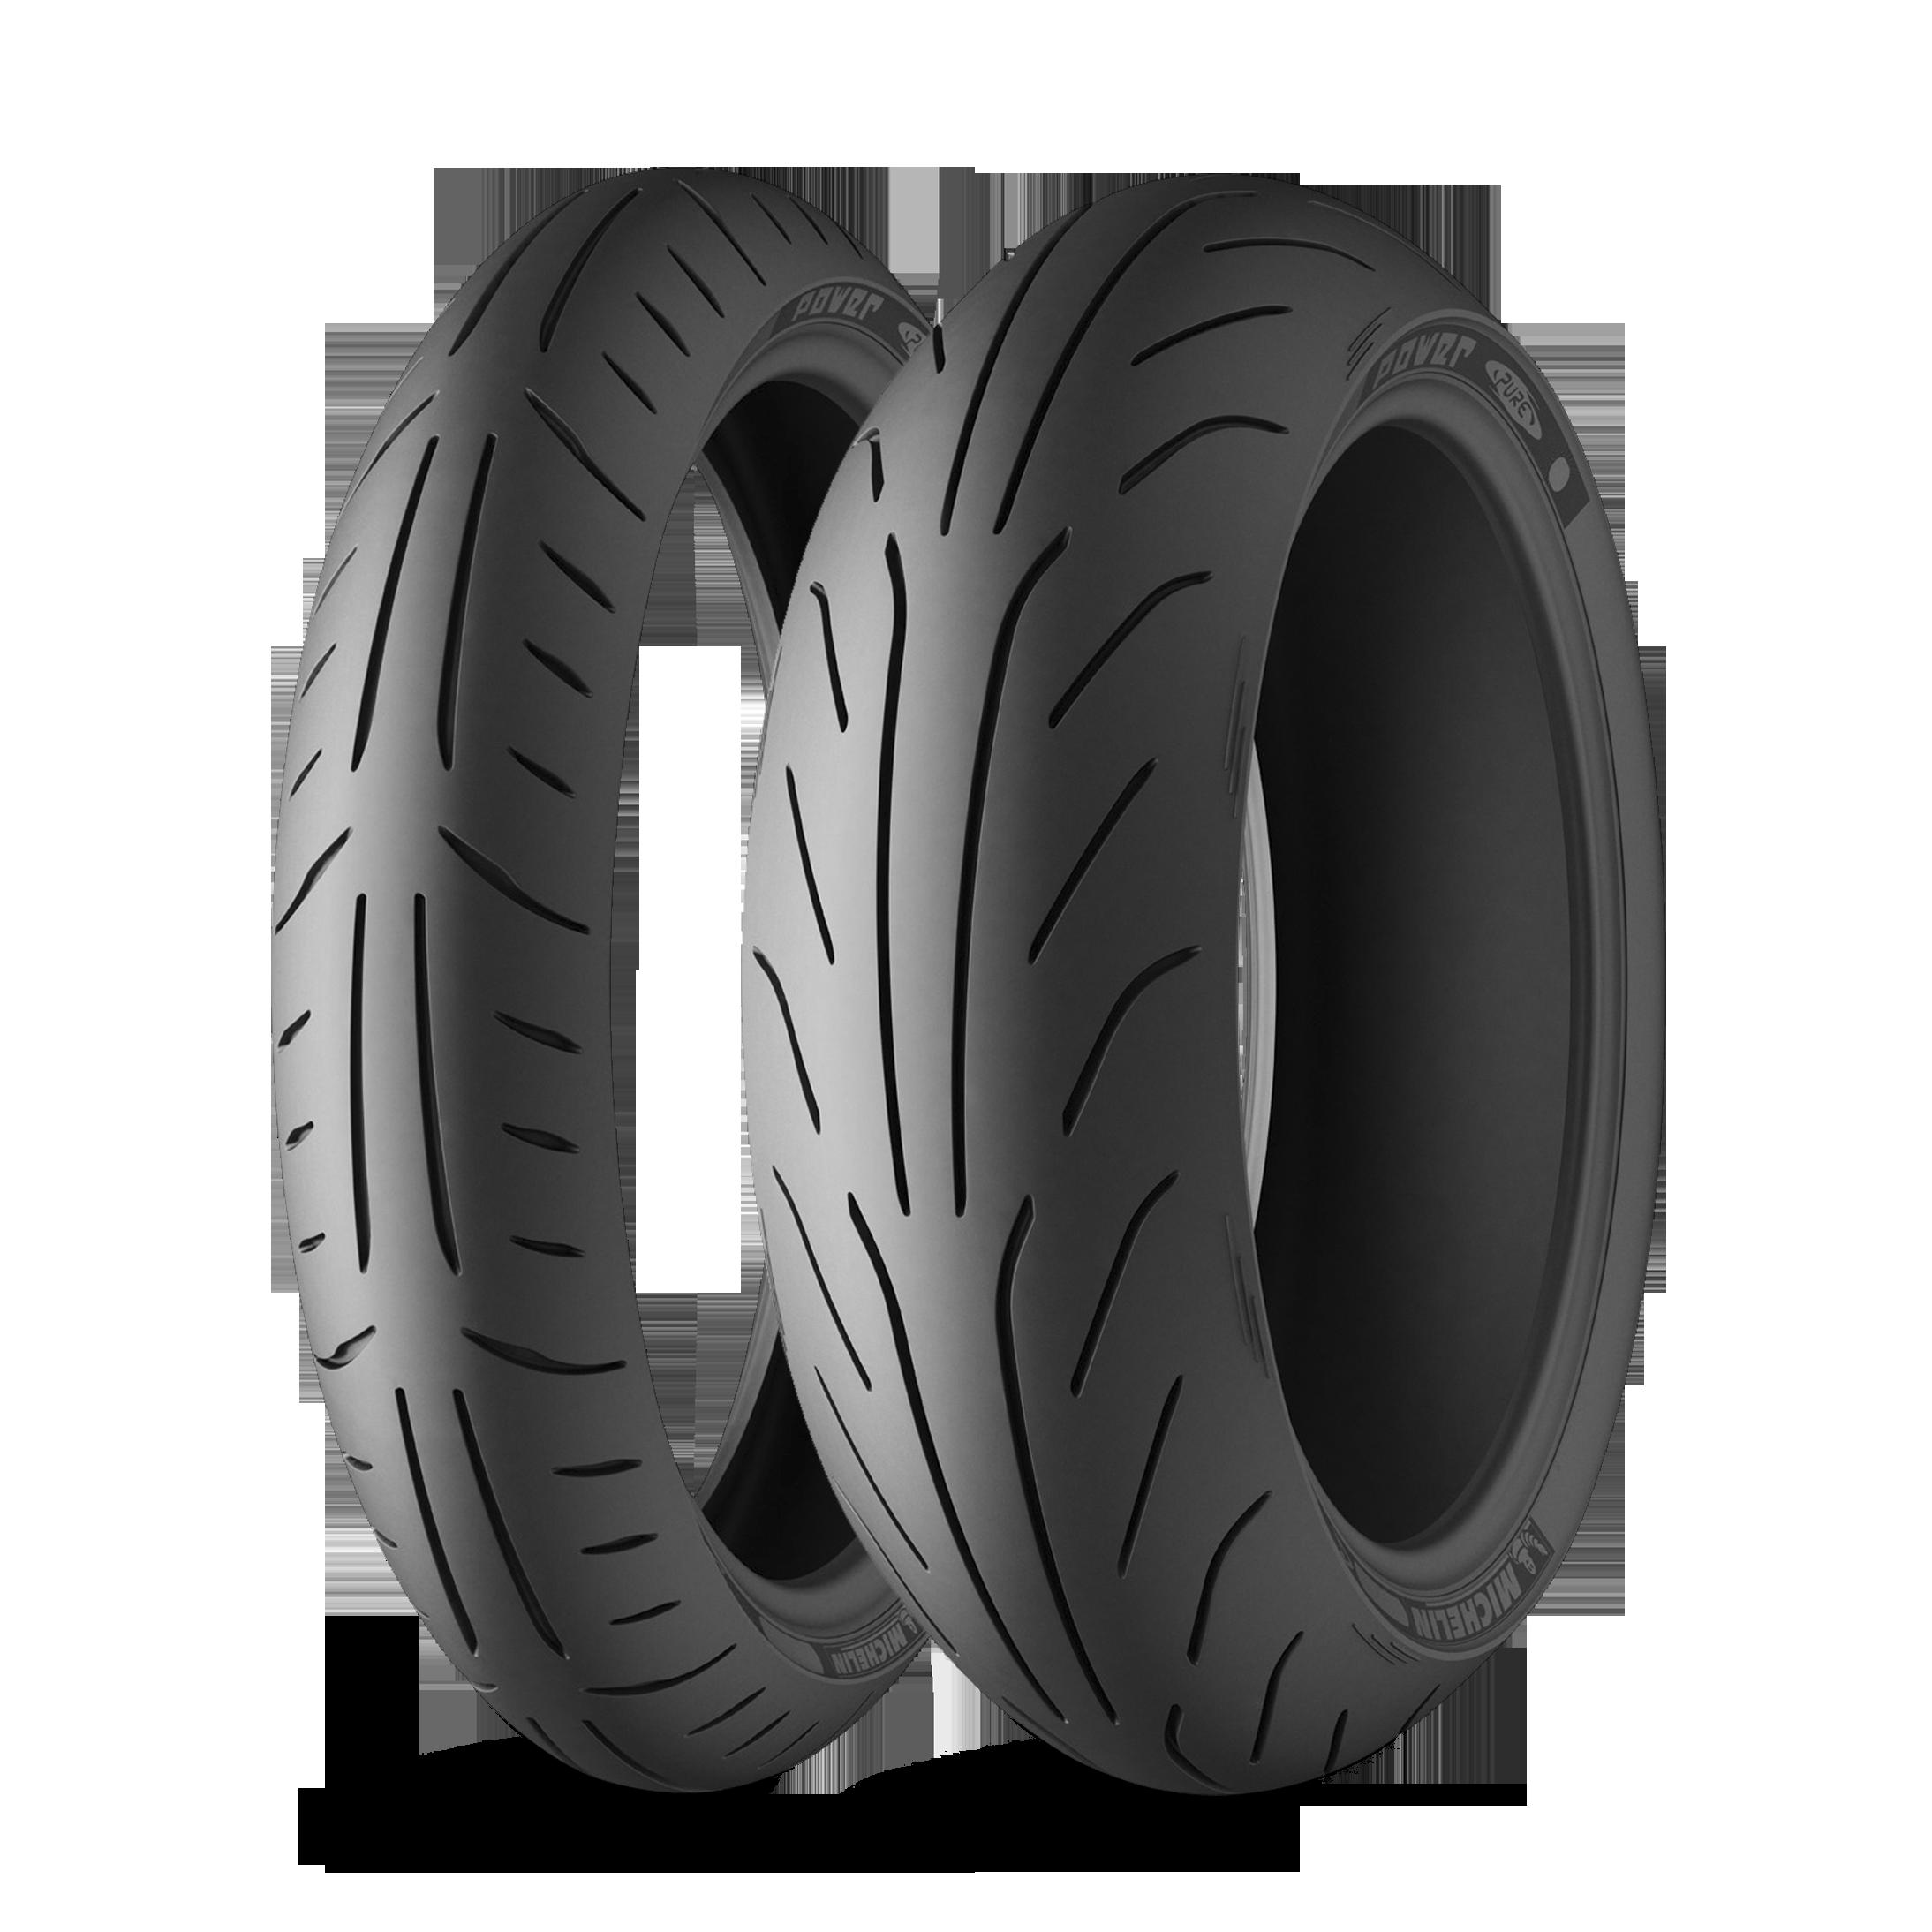 Michelin, POWER PURE SC  146100